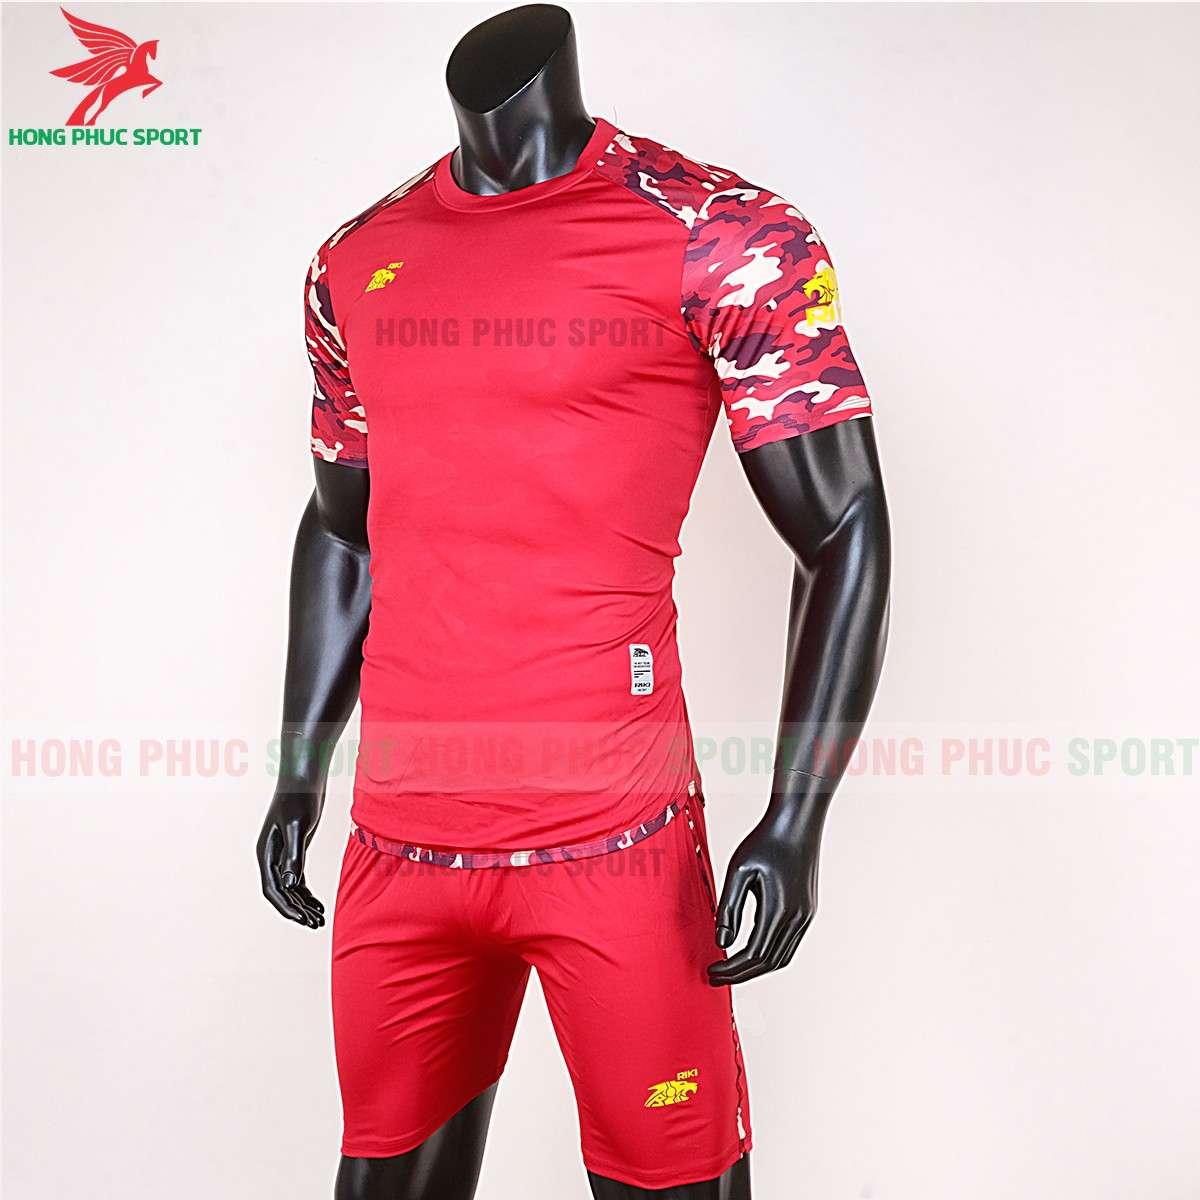 Áo đá bóng không logo 2020 Riki Camor đỏ